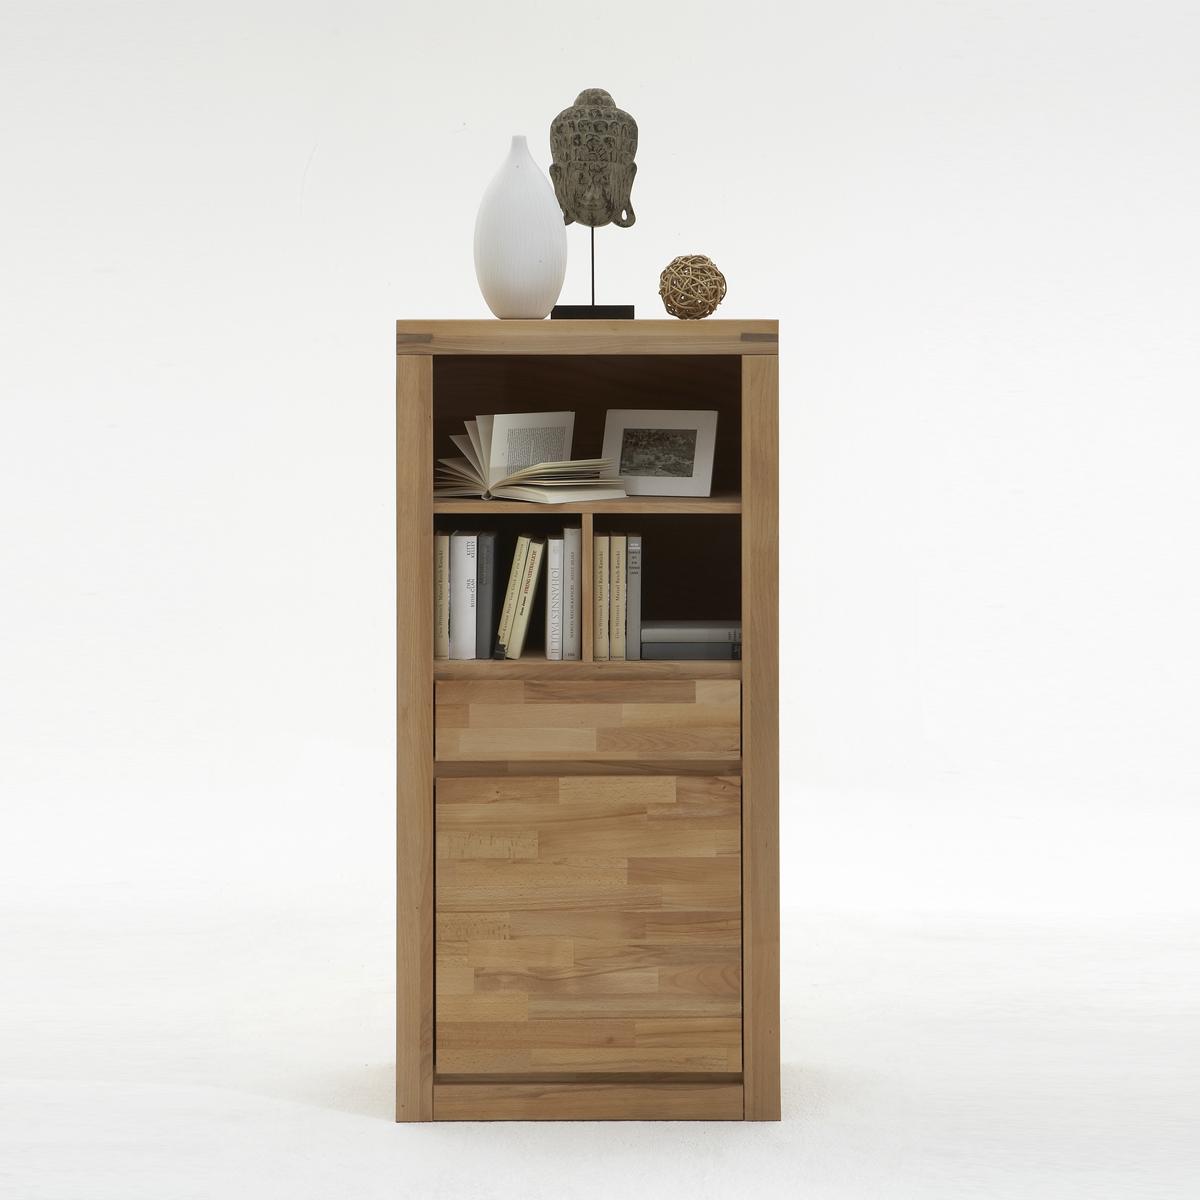 Regal klein delft 6206 wohnzimmer b cherregal kernbuche for Delft mobel buche